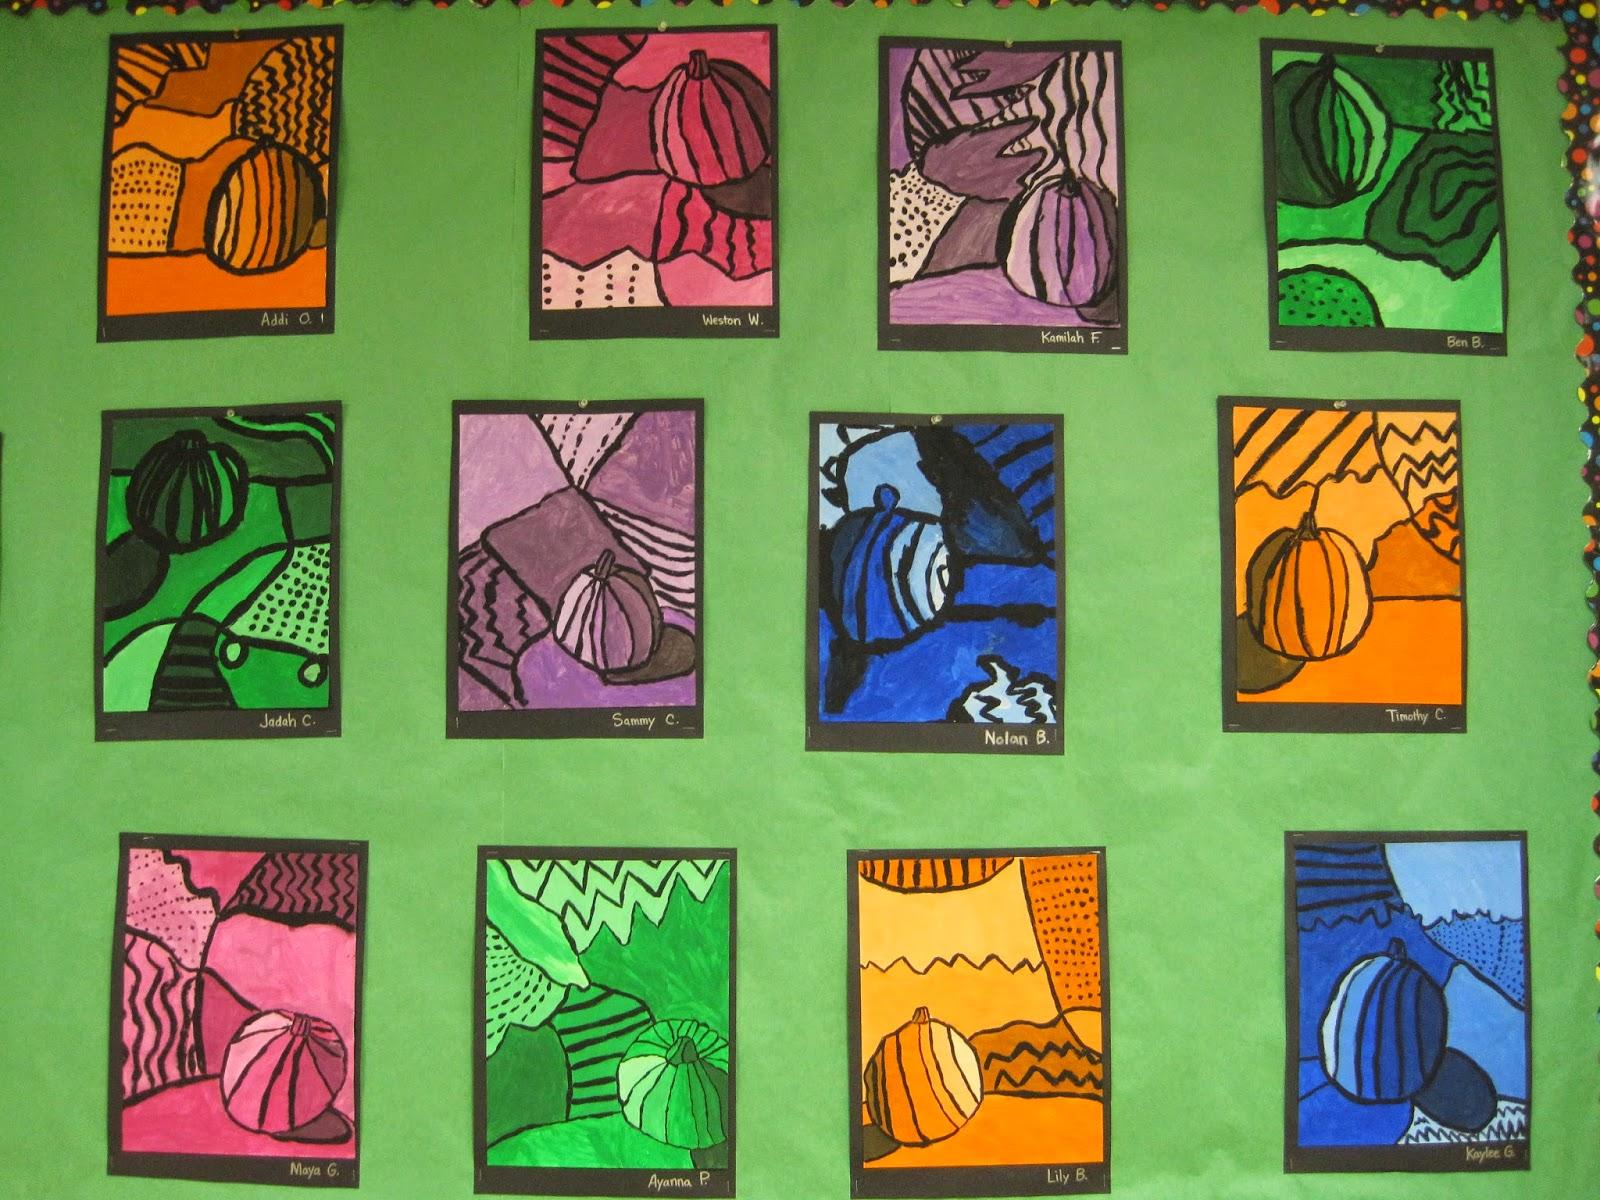 zilker elementary art class 4th grade still life bulletin board